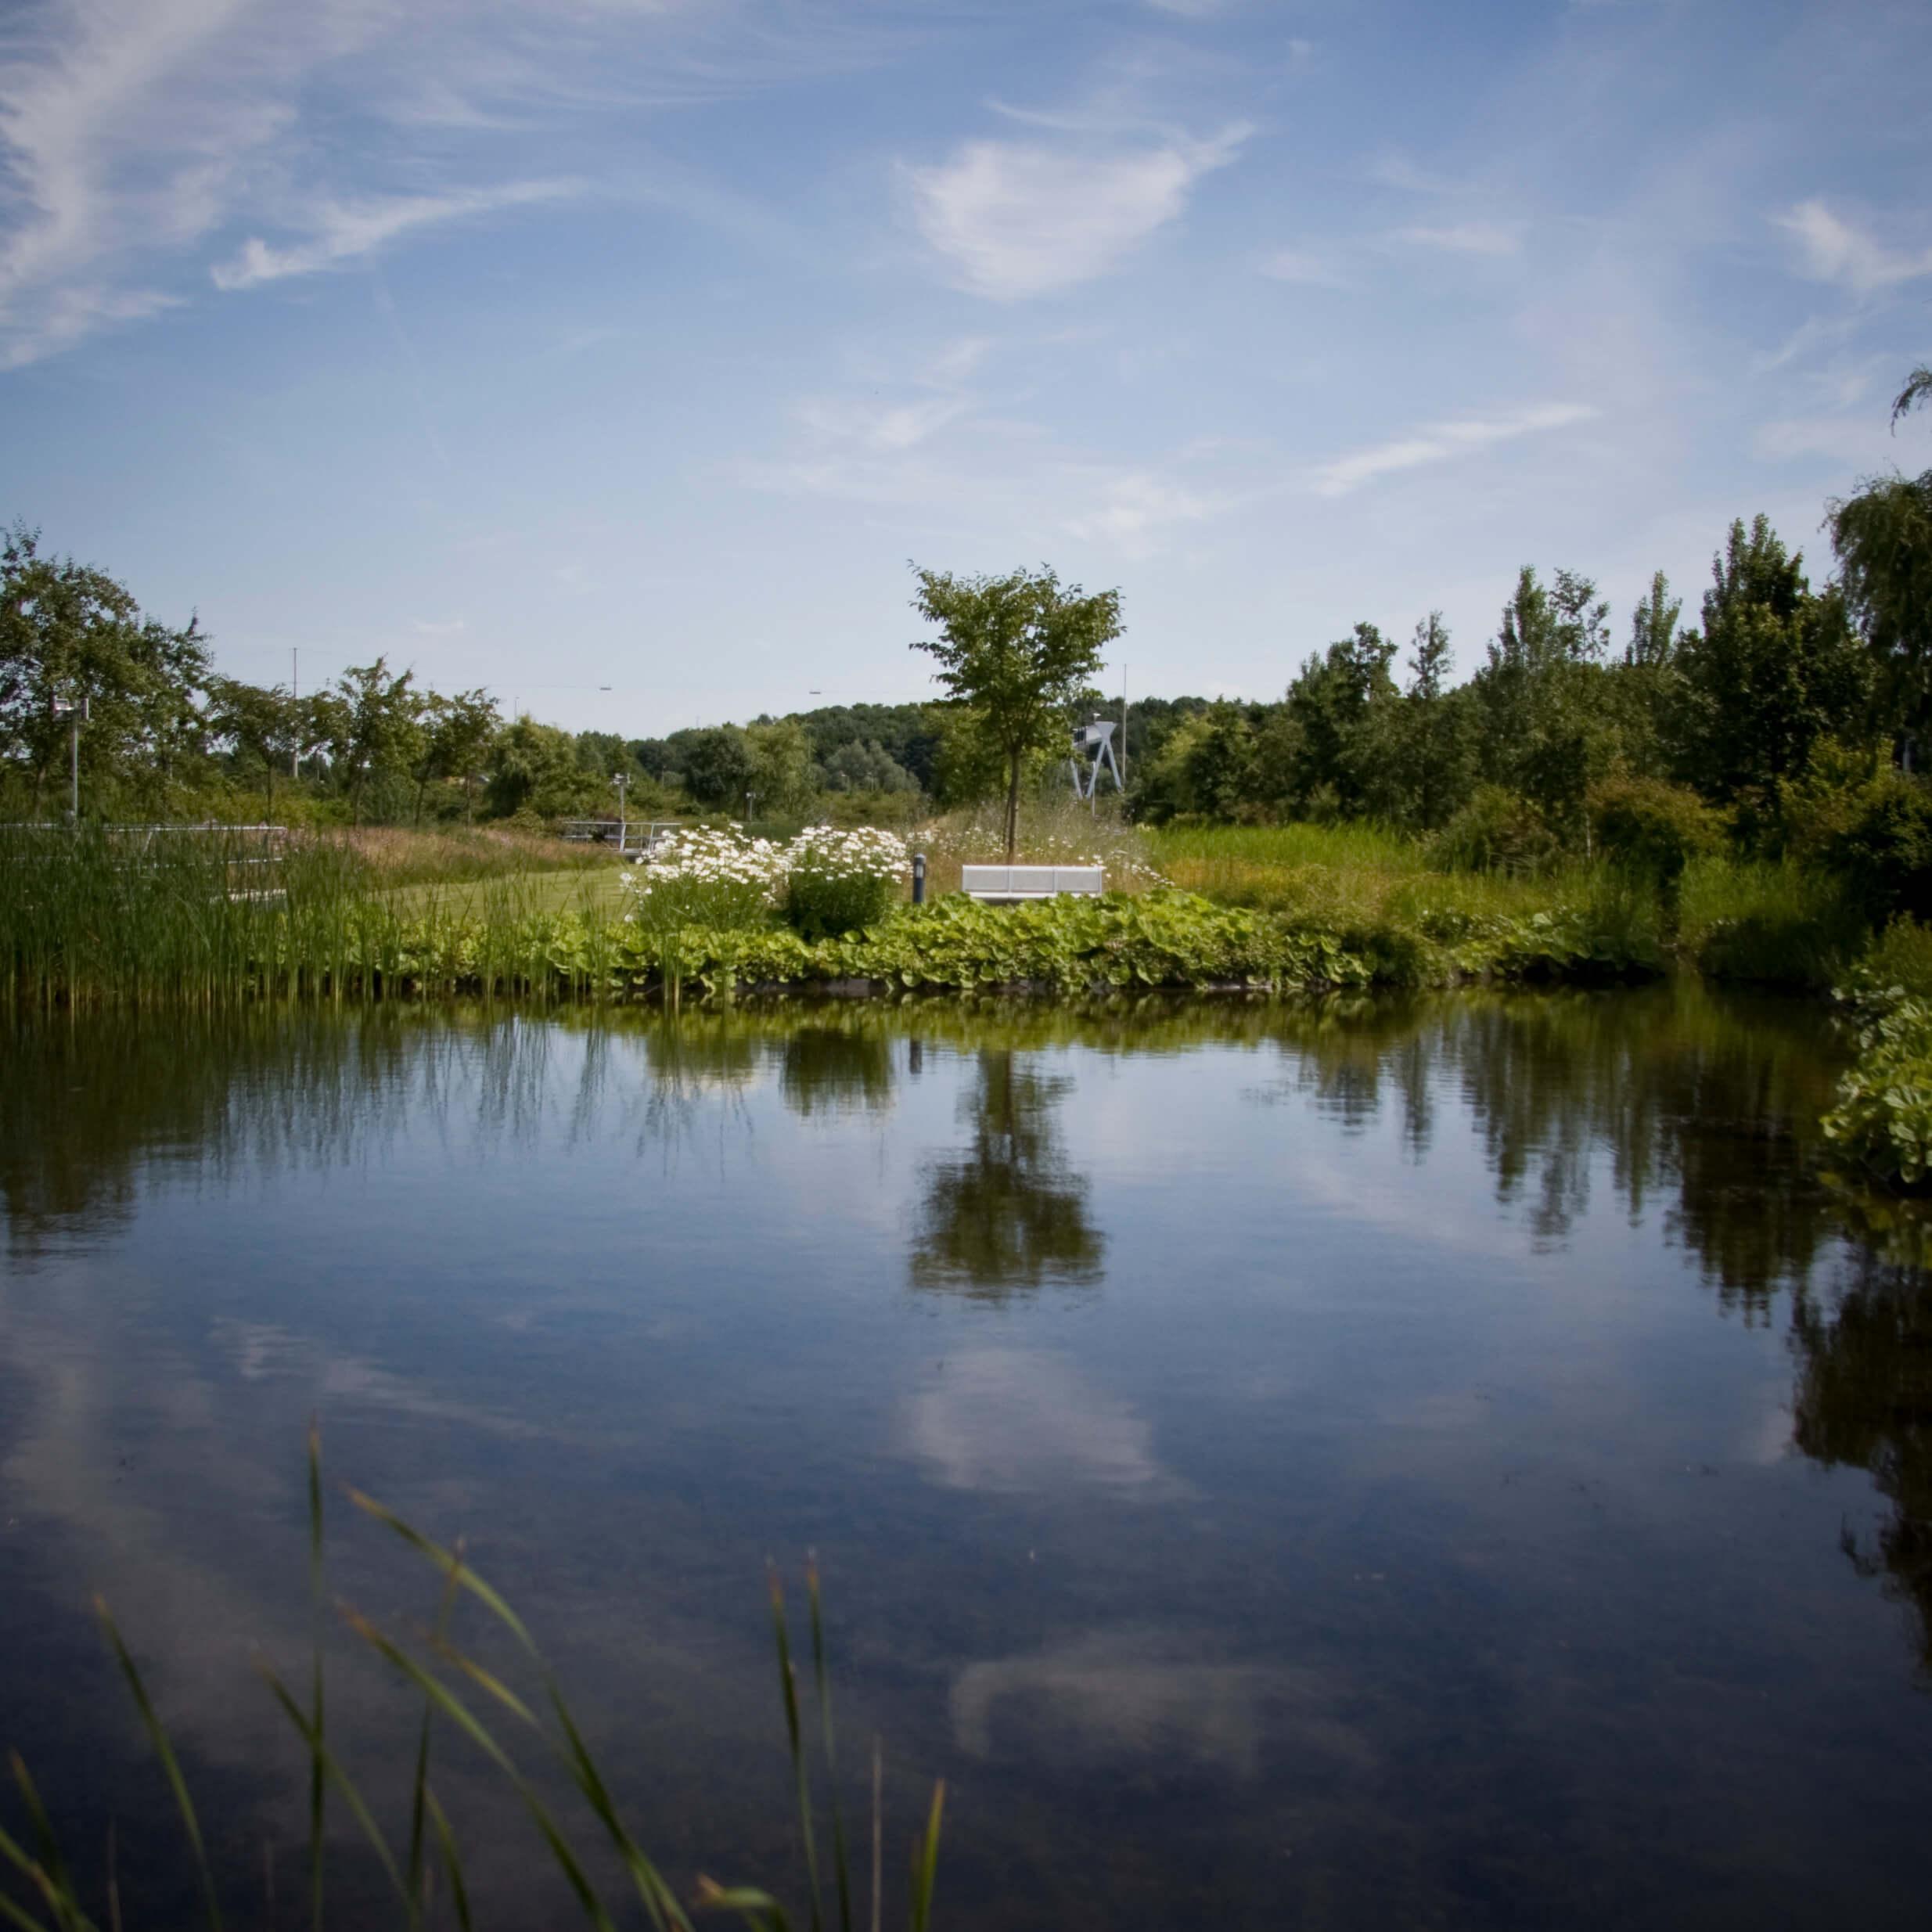 EPO vijver daktuin | Foto: Copijn